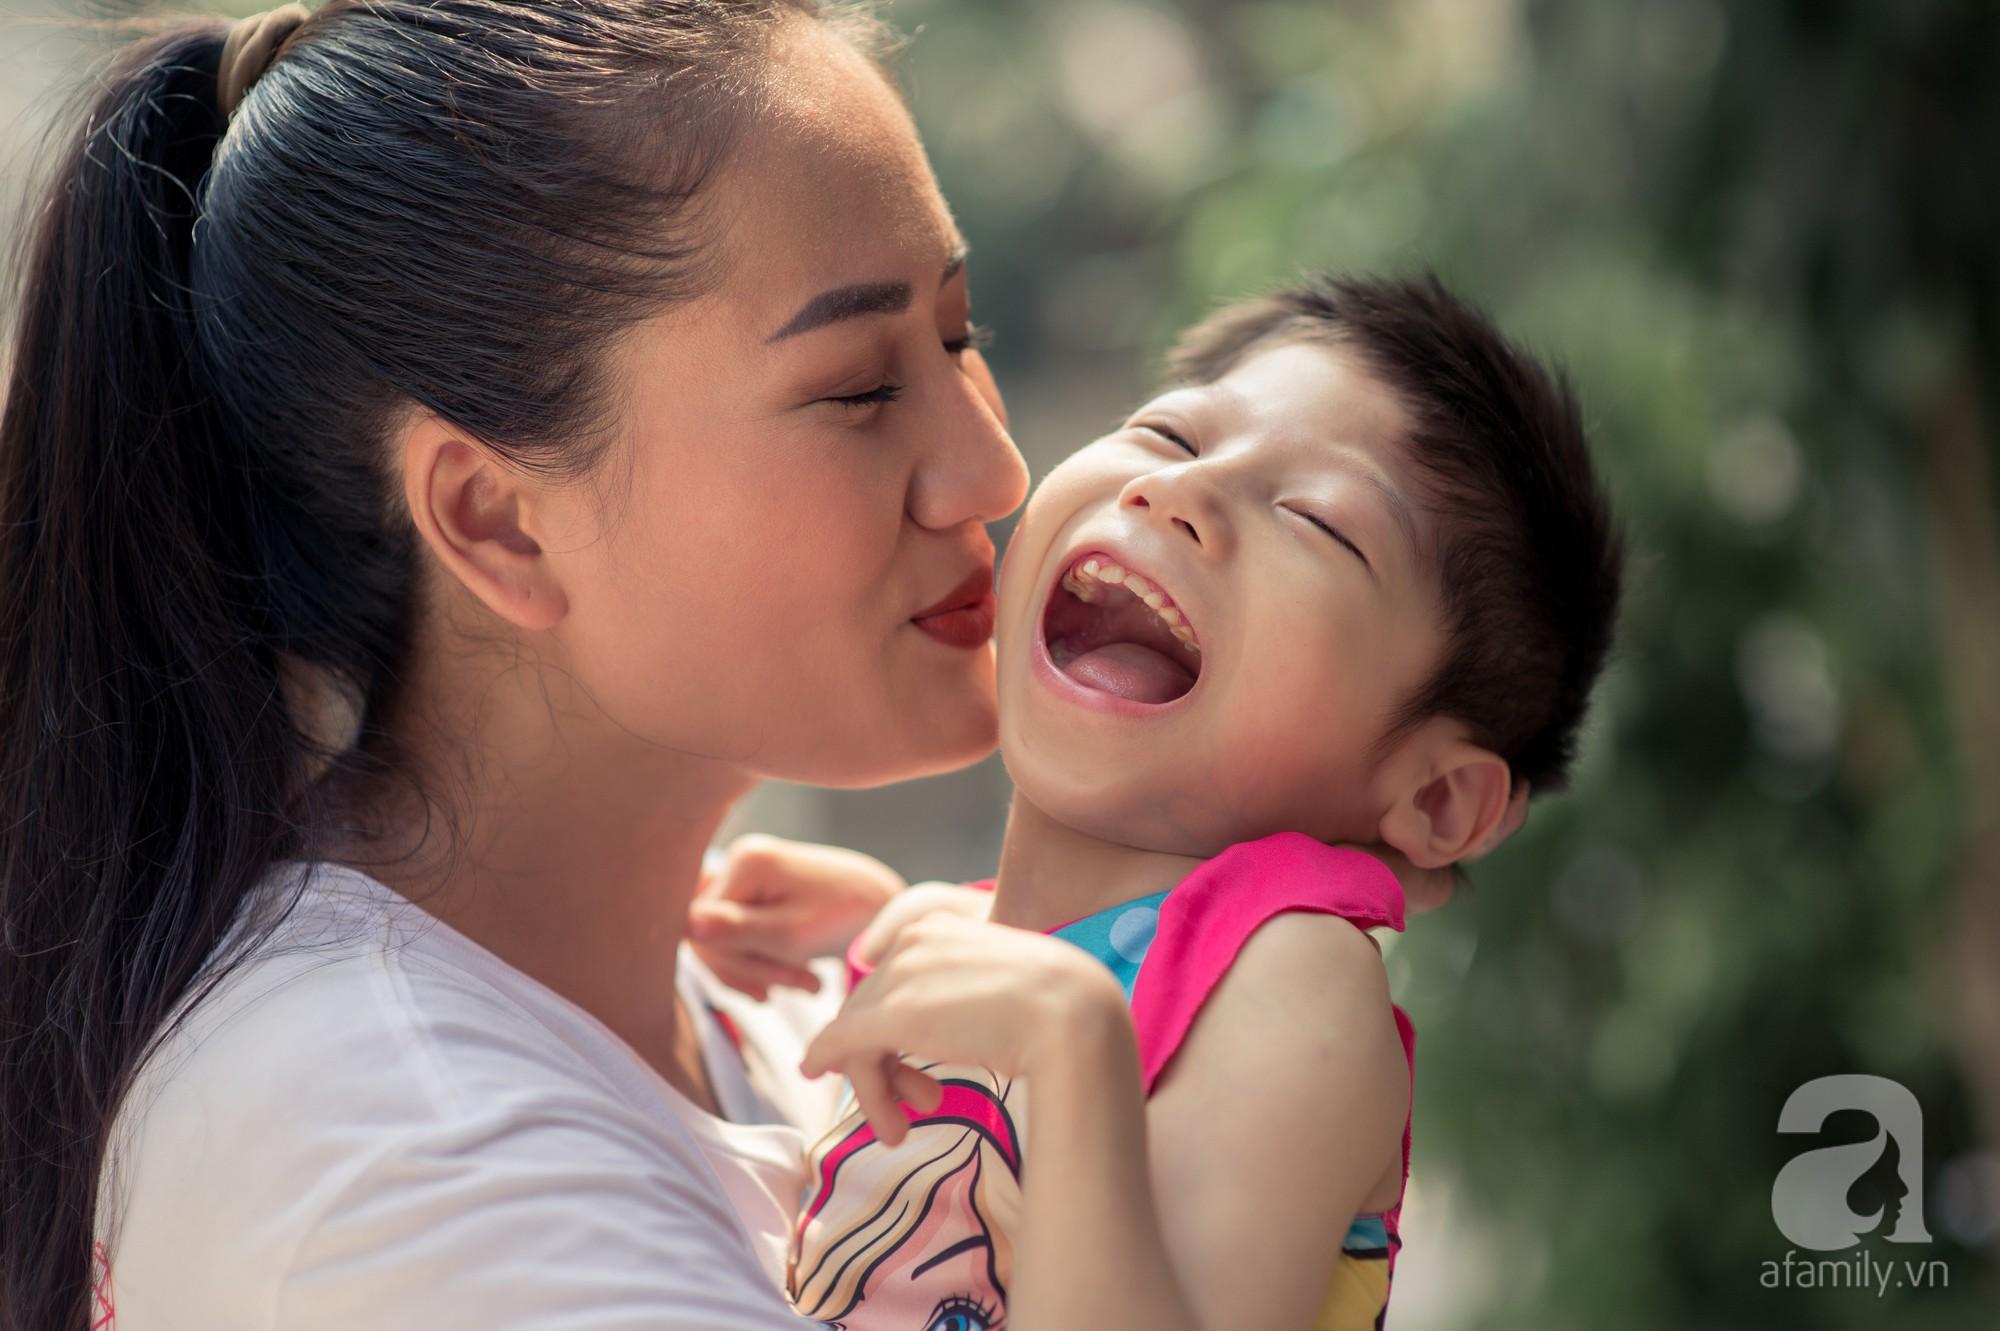 Minh Cúc Về nhà đi con kể về bạn trai từng nghĩ chỉ yêu chơi: Anh ấy muốn làm bố, nhưng tôi không thể sinh con-4